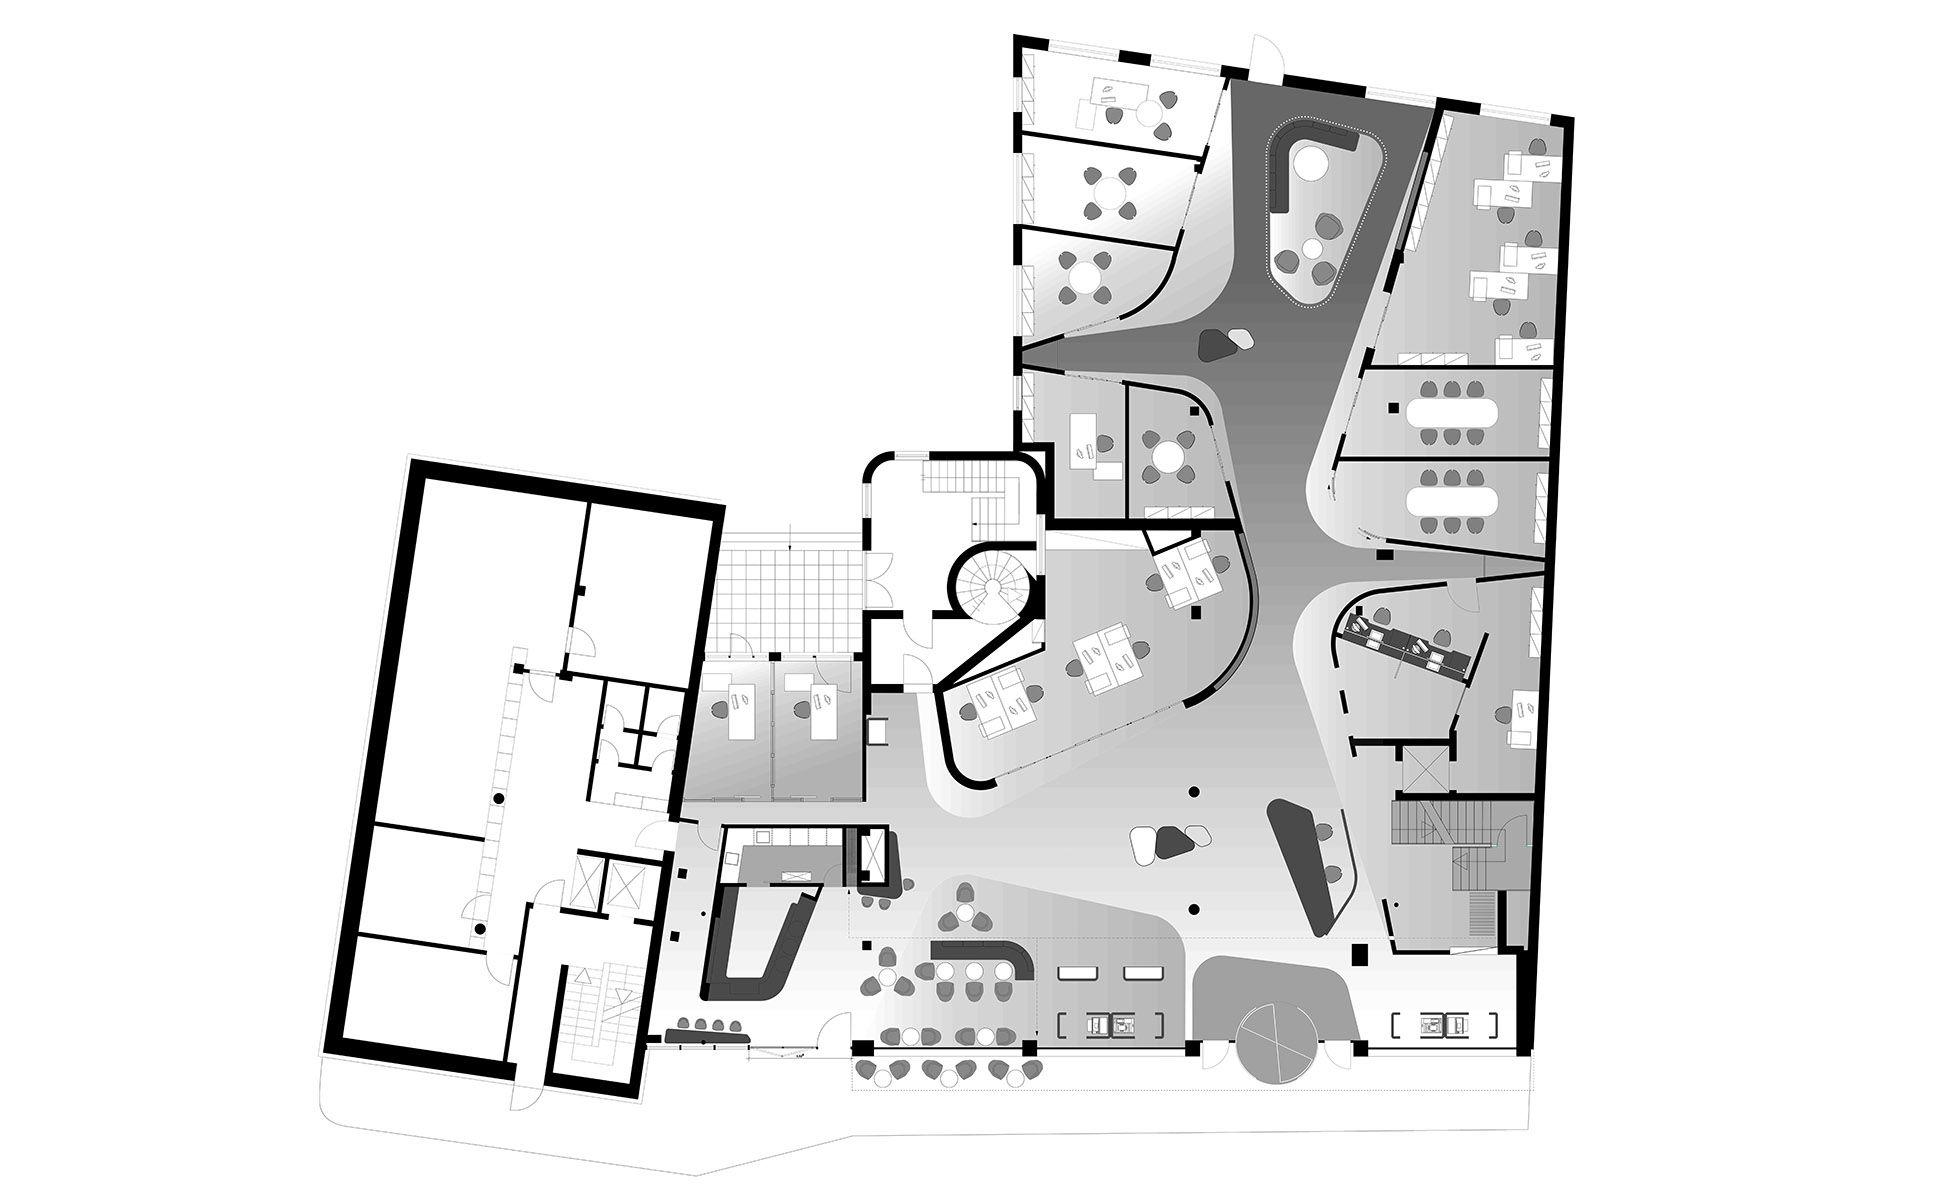 bkp   Innenarchitektur Unternehmen Umbau Bank Workshop Architektur ...